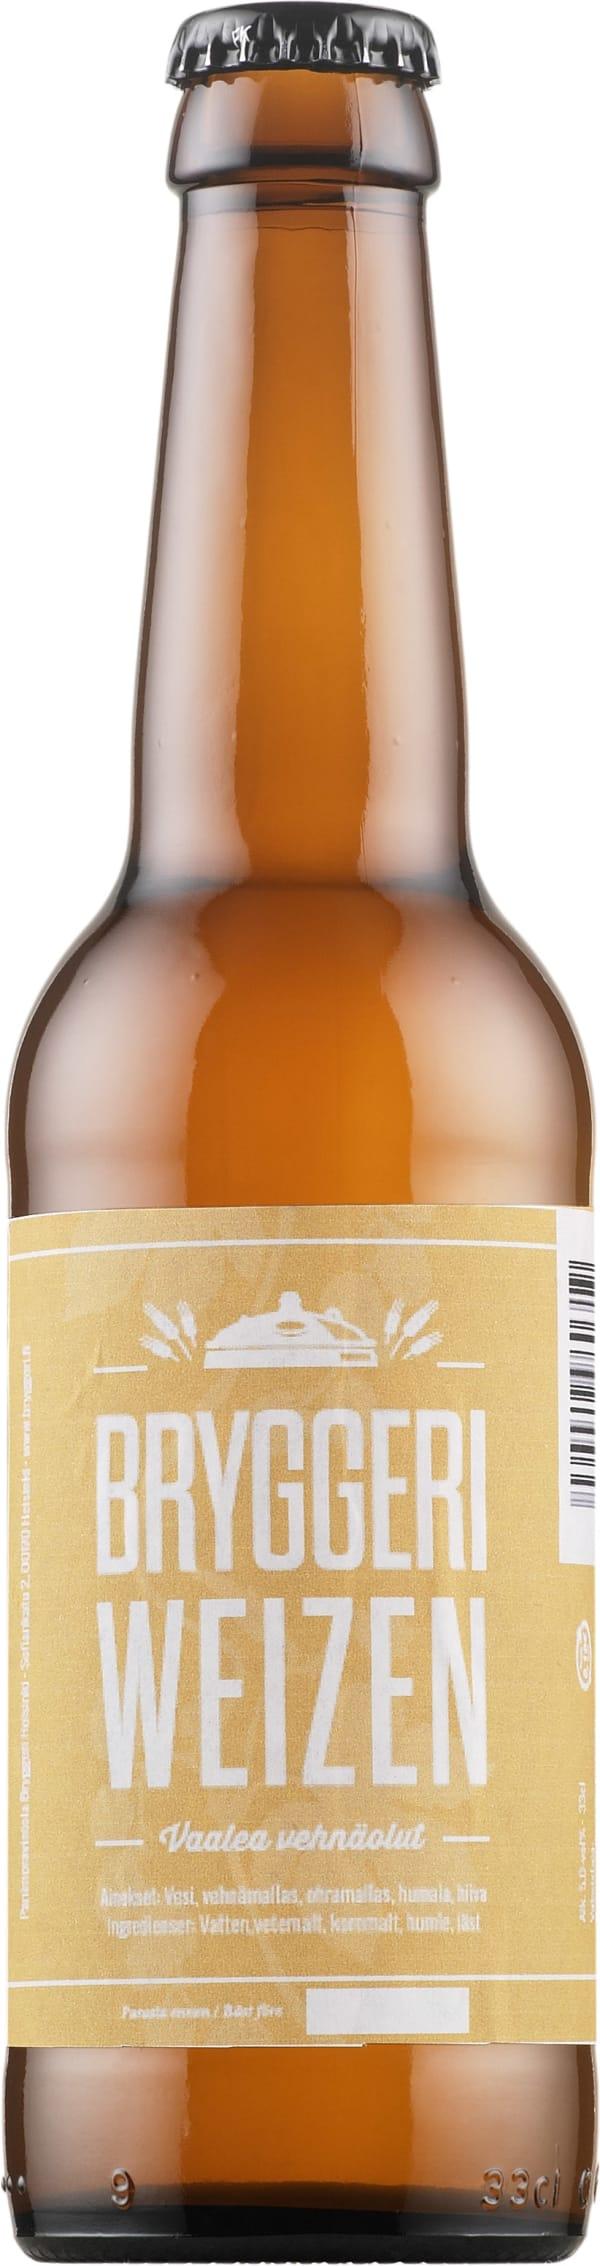 Bryggeri Weizen